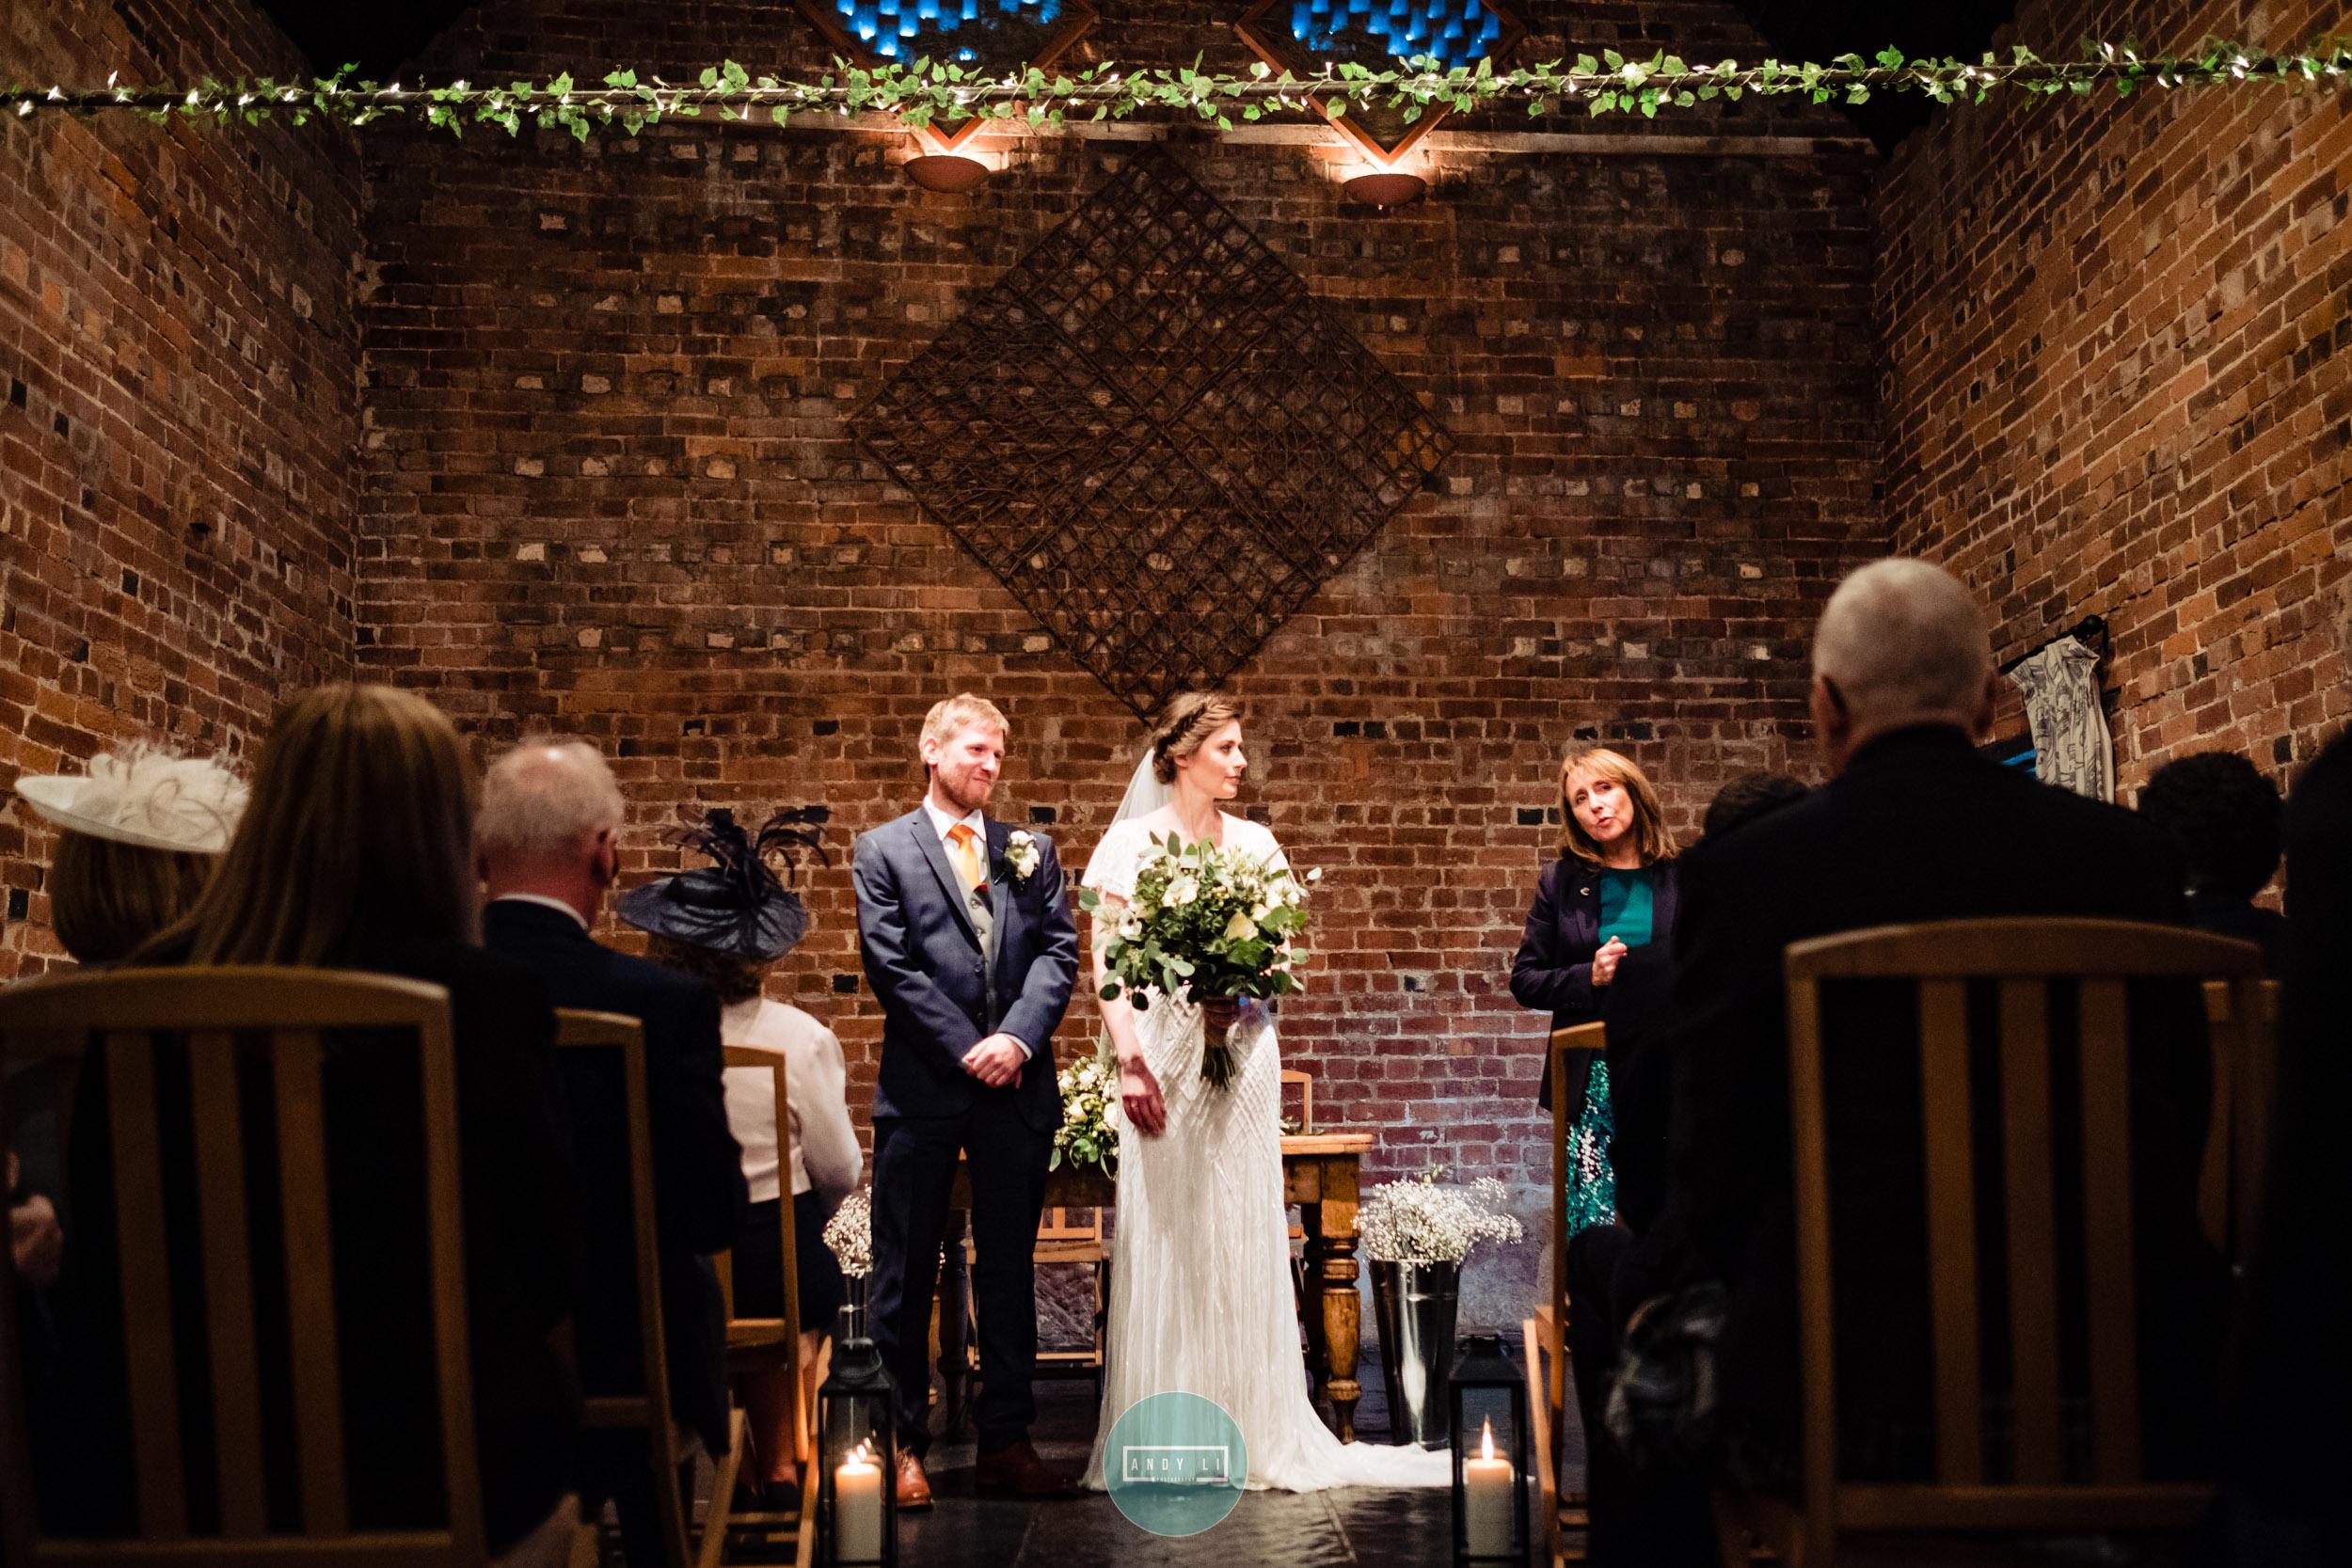 Curradine Barns Wedding Photographer-066-AXT22840.jpg